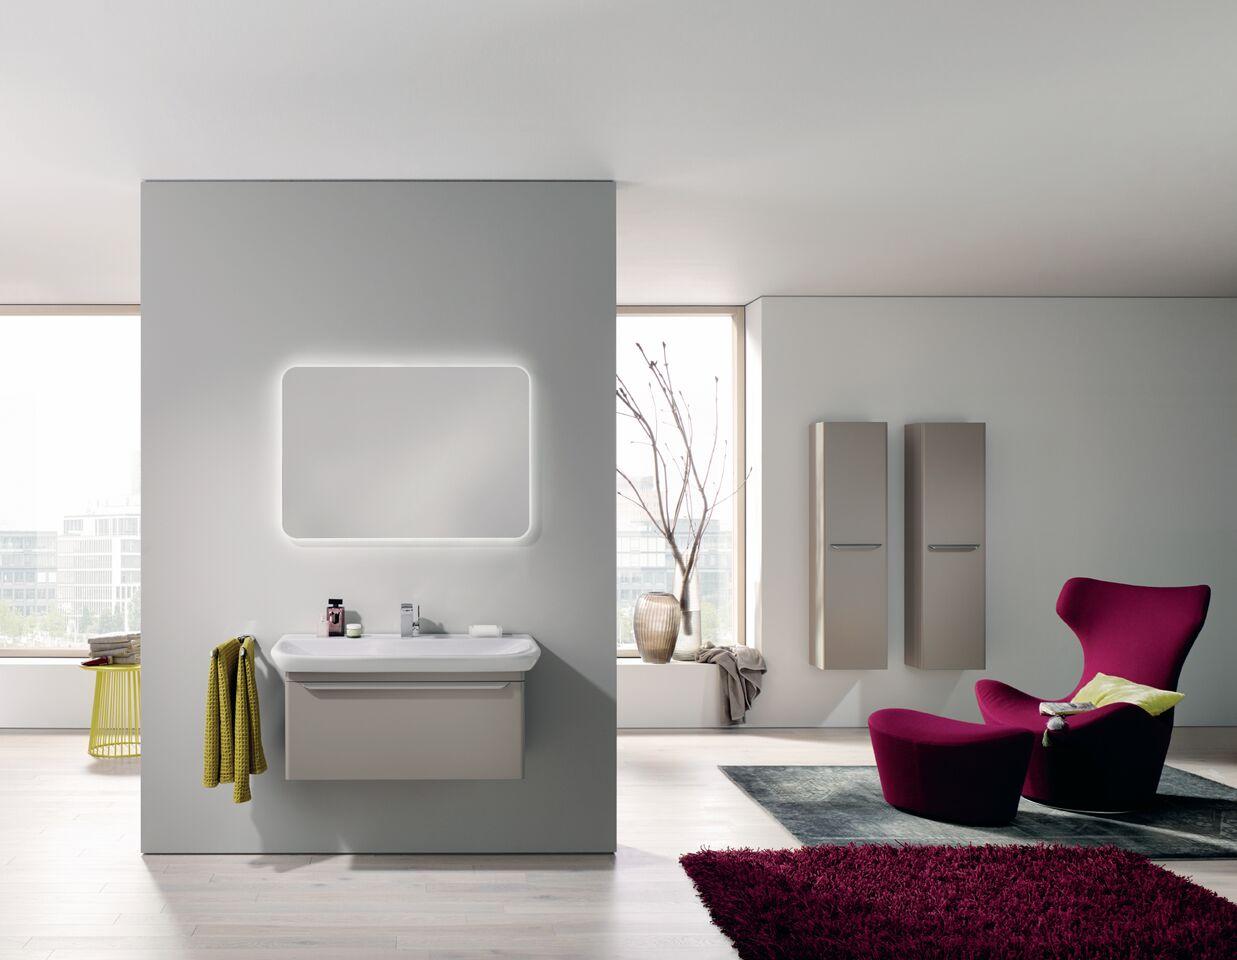 łazienka w odcieniach bieli szarości i różu